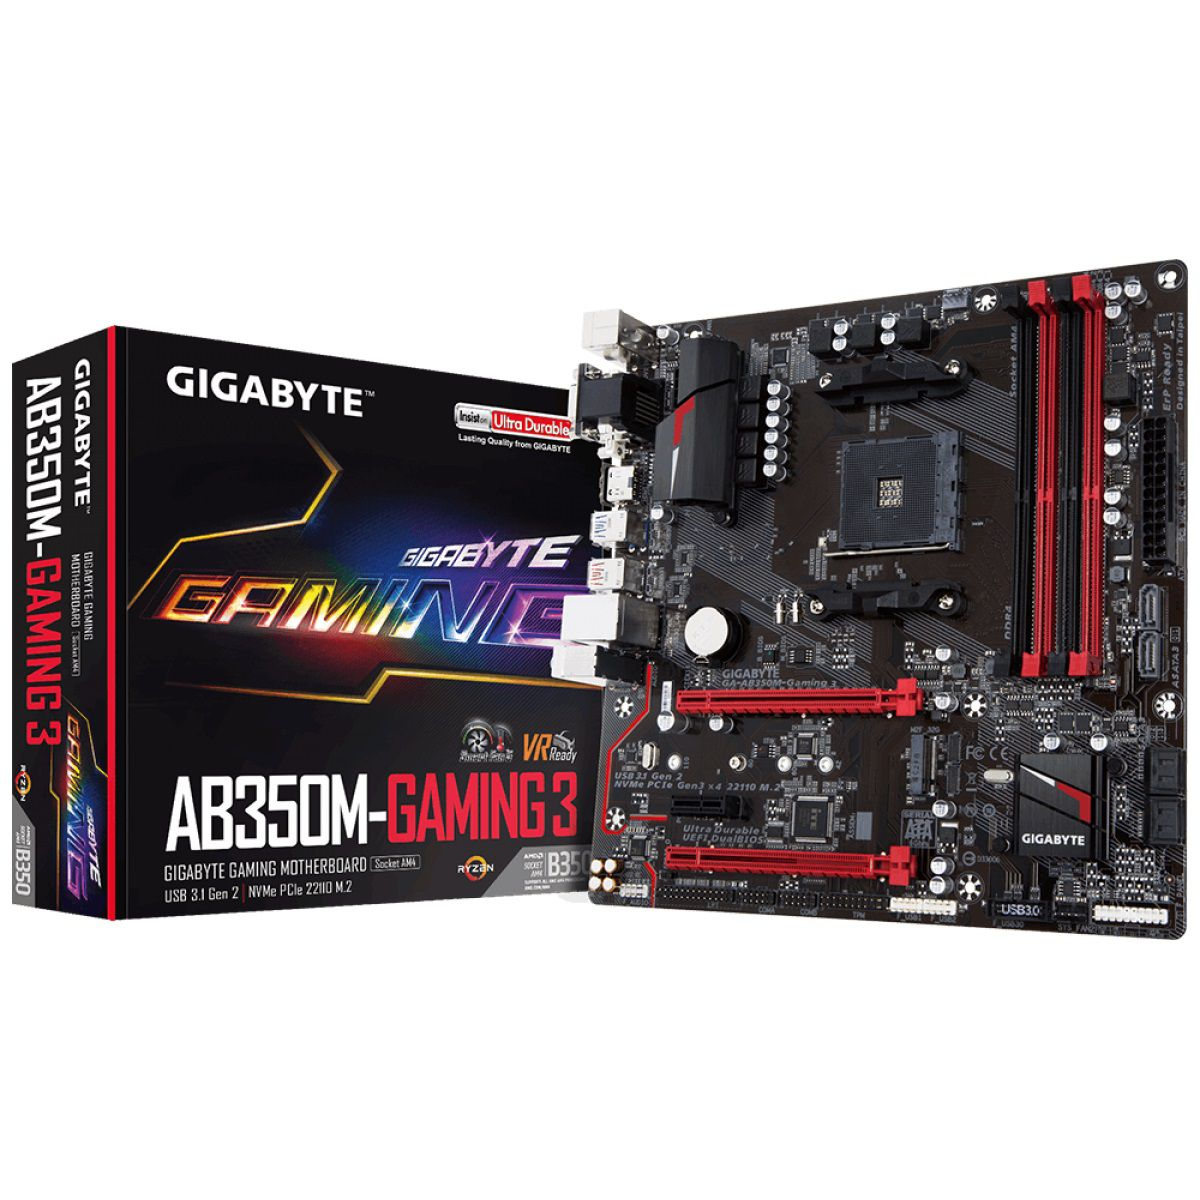 Placa Mae Gigabyte AB350M-GAMING 3 AMD AM4 DDR4